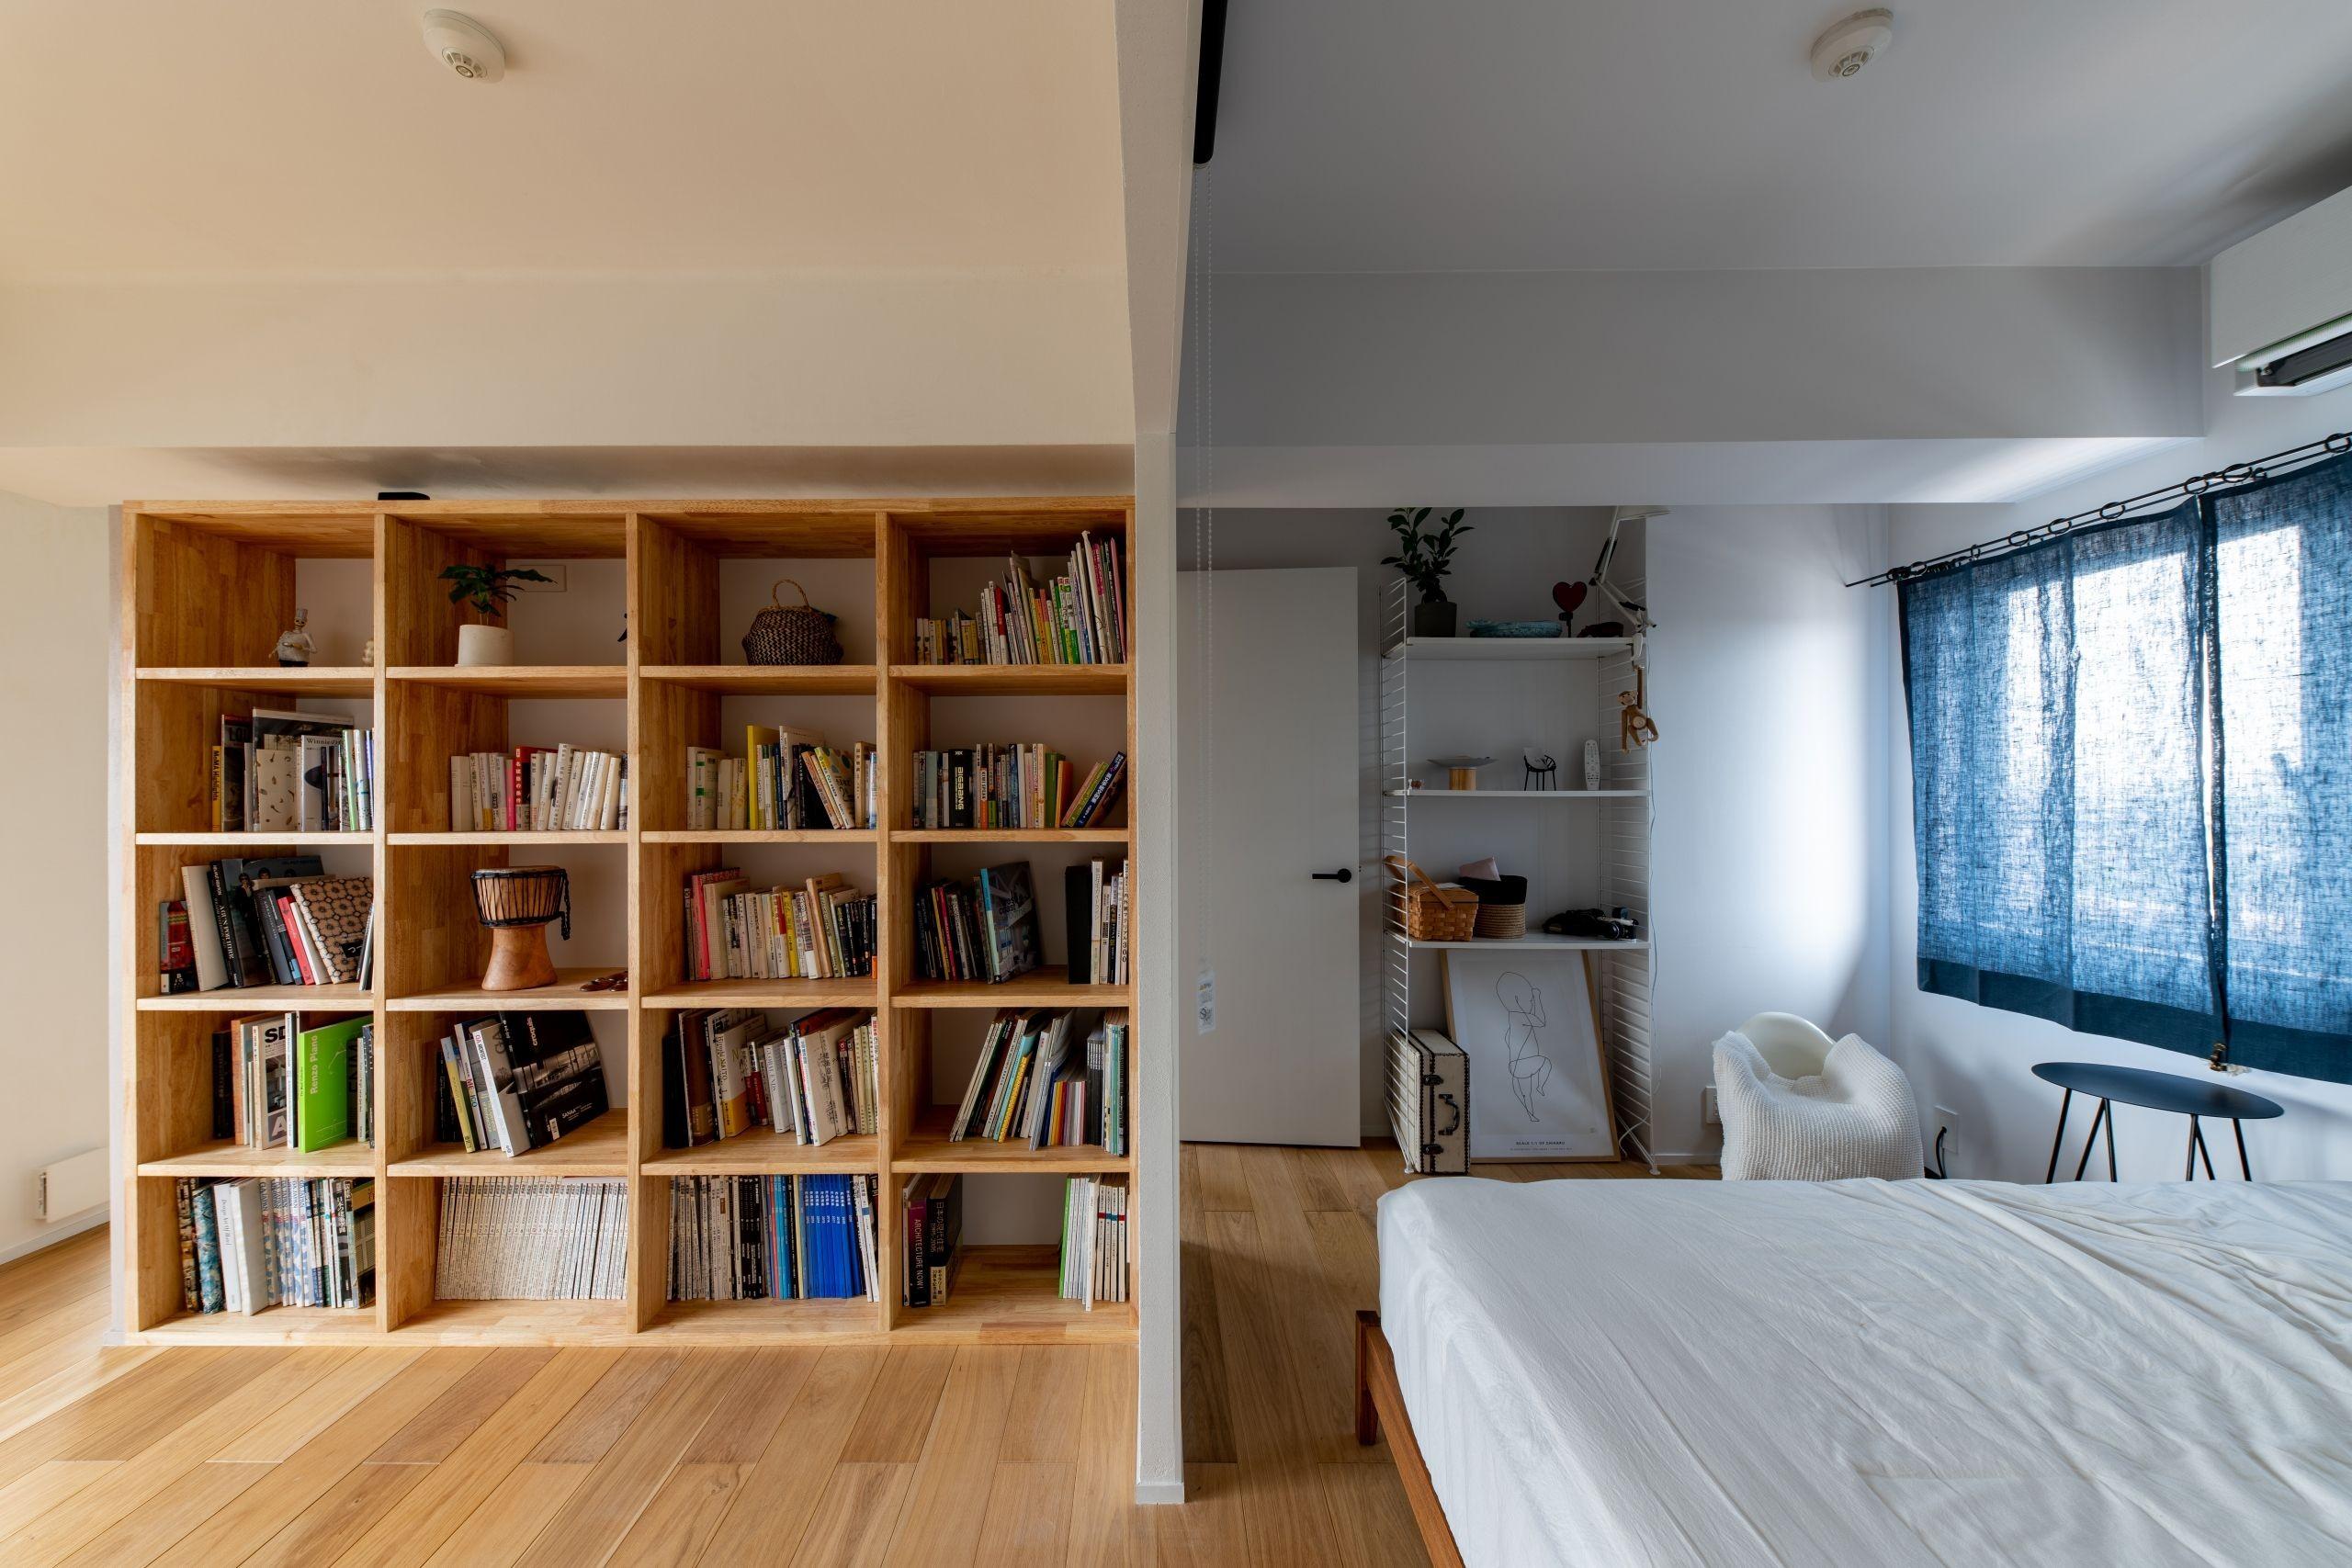 ベッドルーム事例:ワークスペースと寝室(気配と見通し)